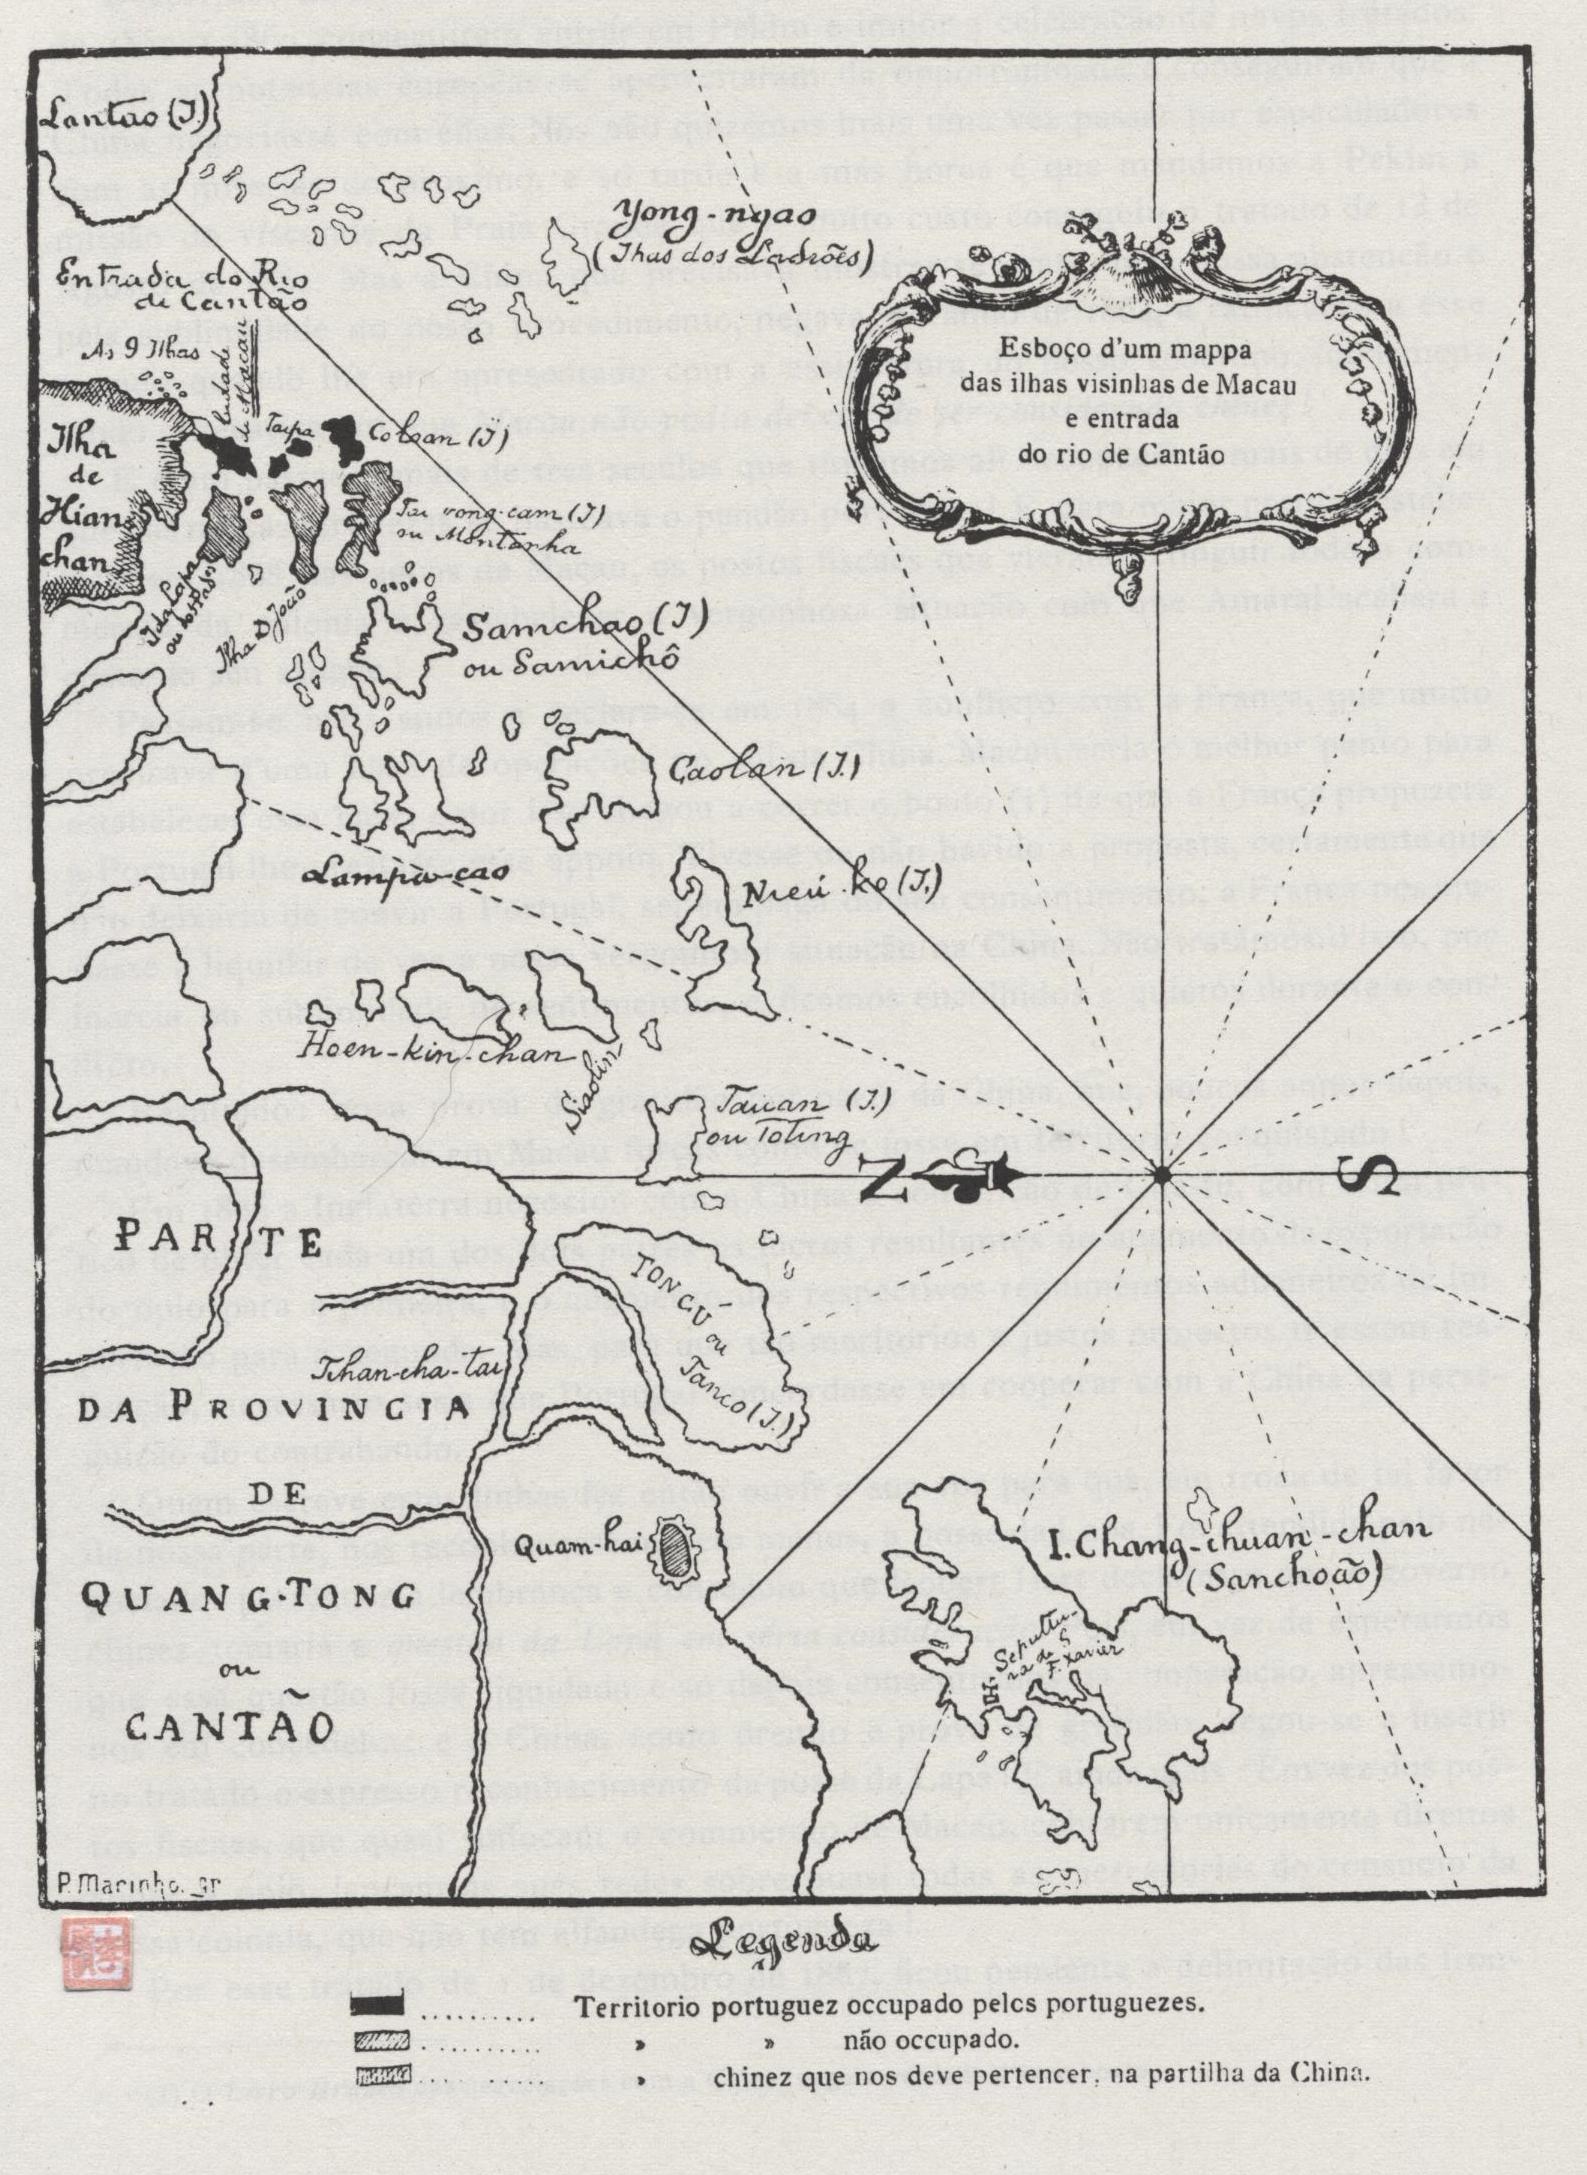 TA-SSI-YANG-KUO Mapa de Macau e Ilhas Adjacentes 1900